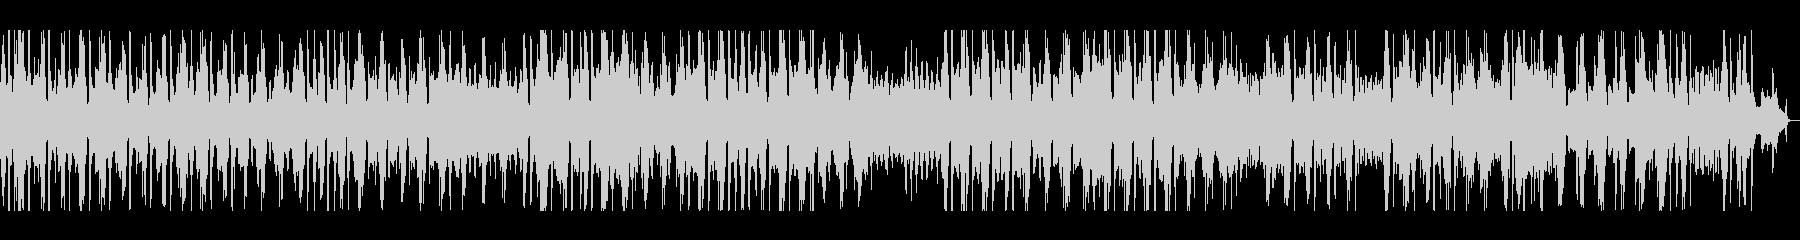 エスニック。フォークバイオリンソロ...の未再生の波形